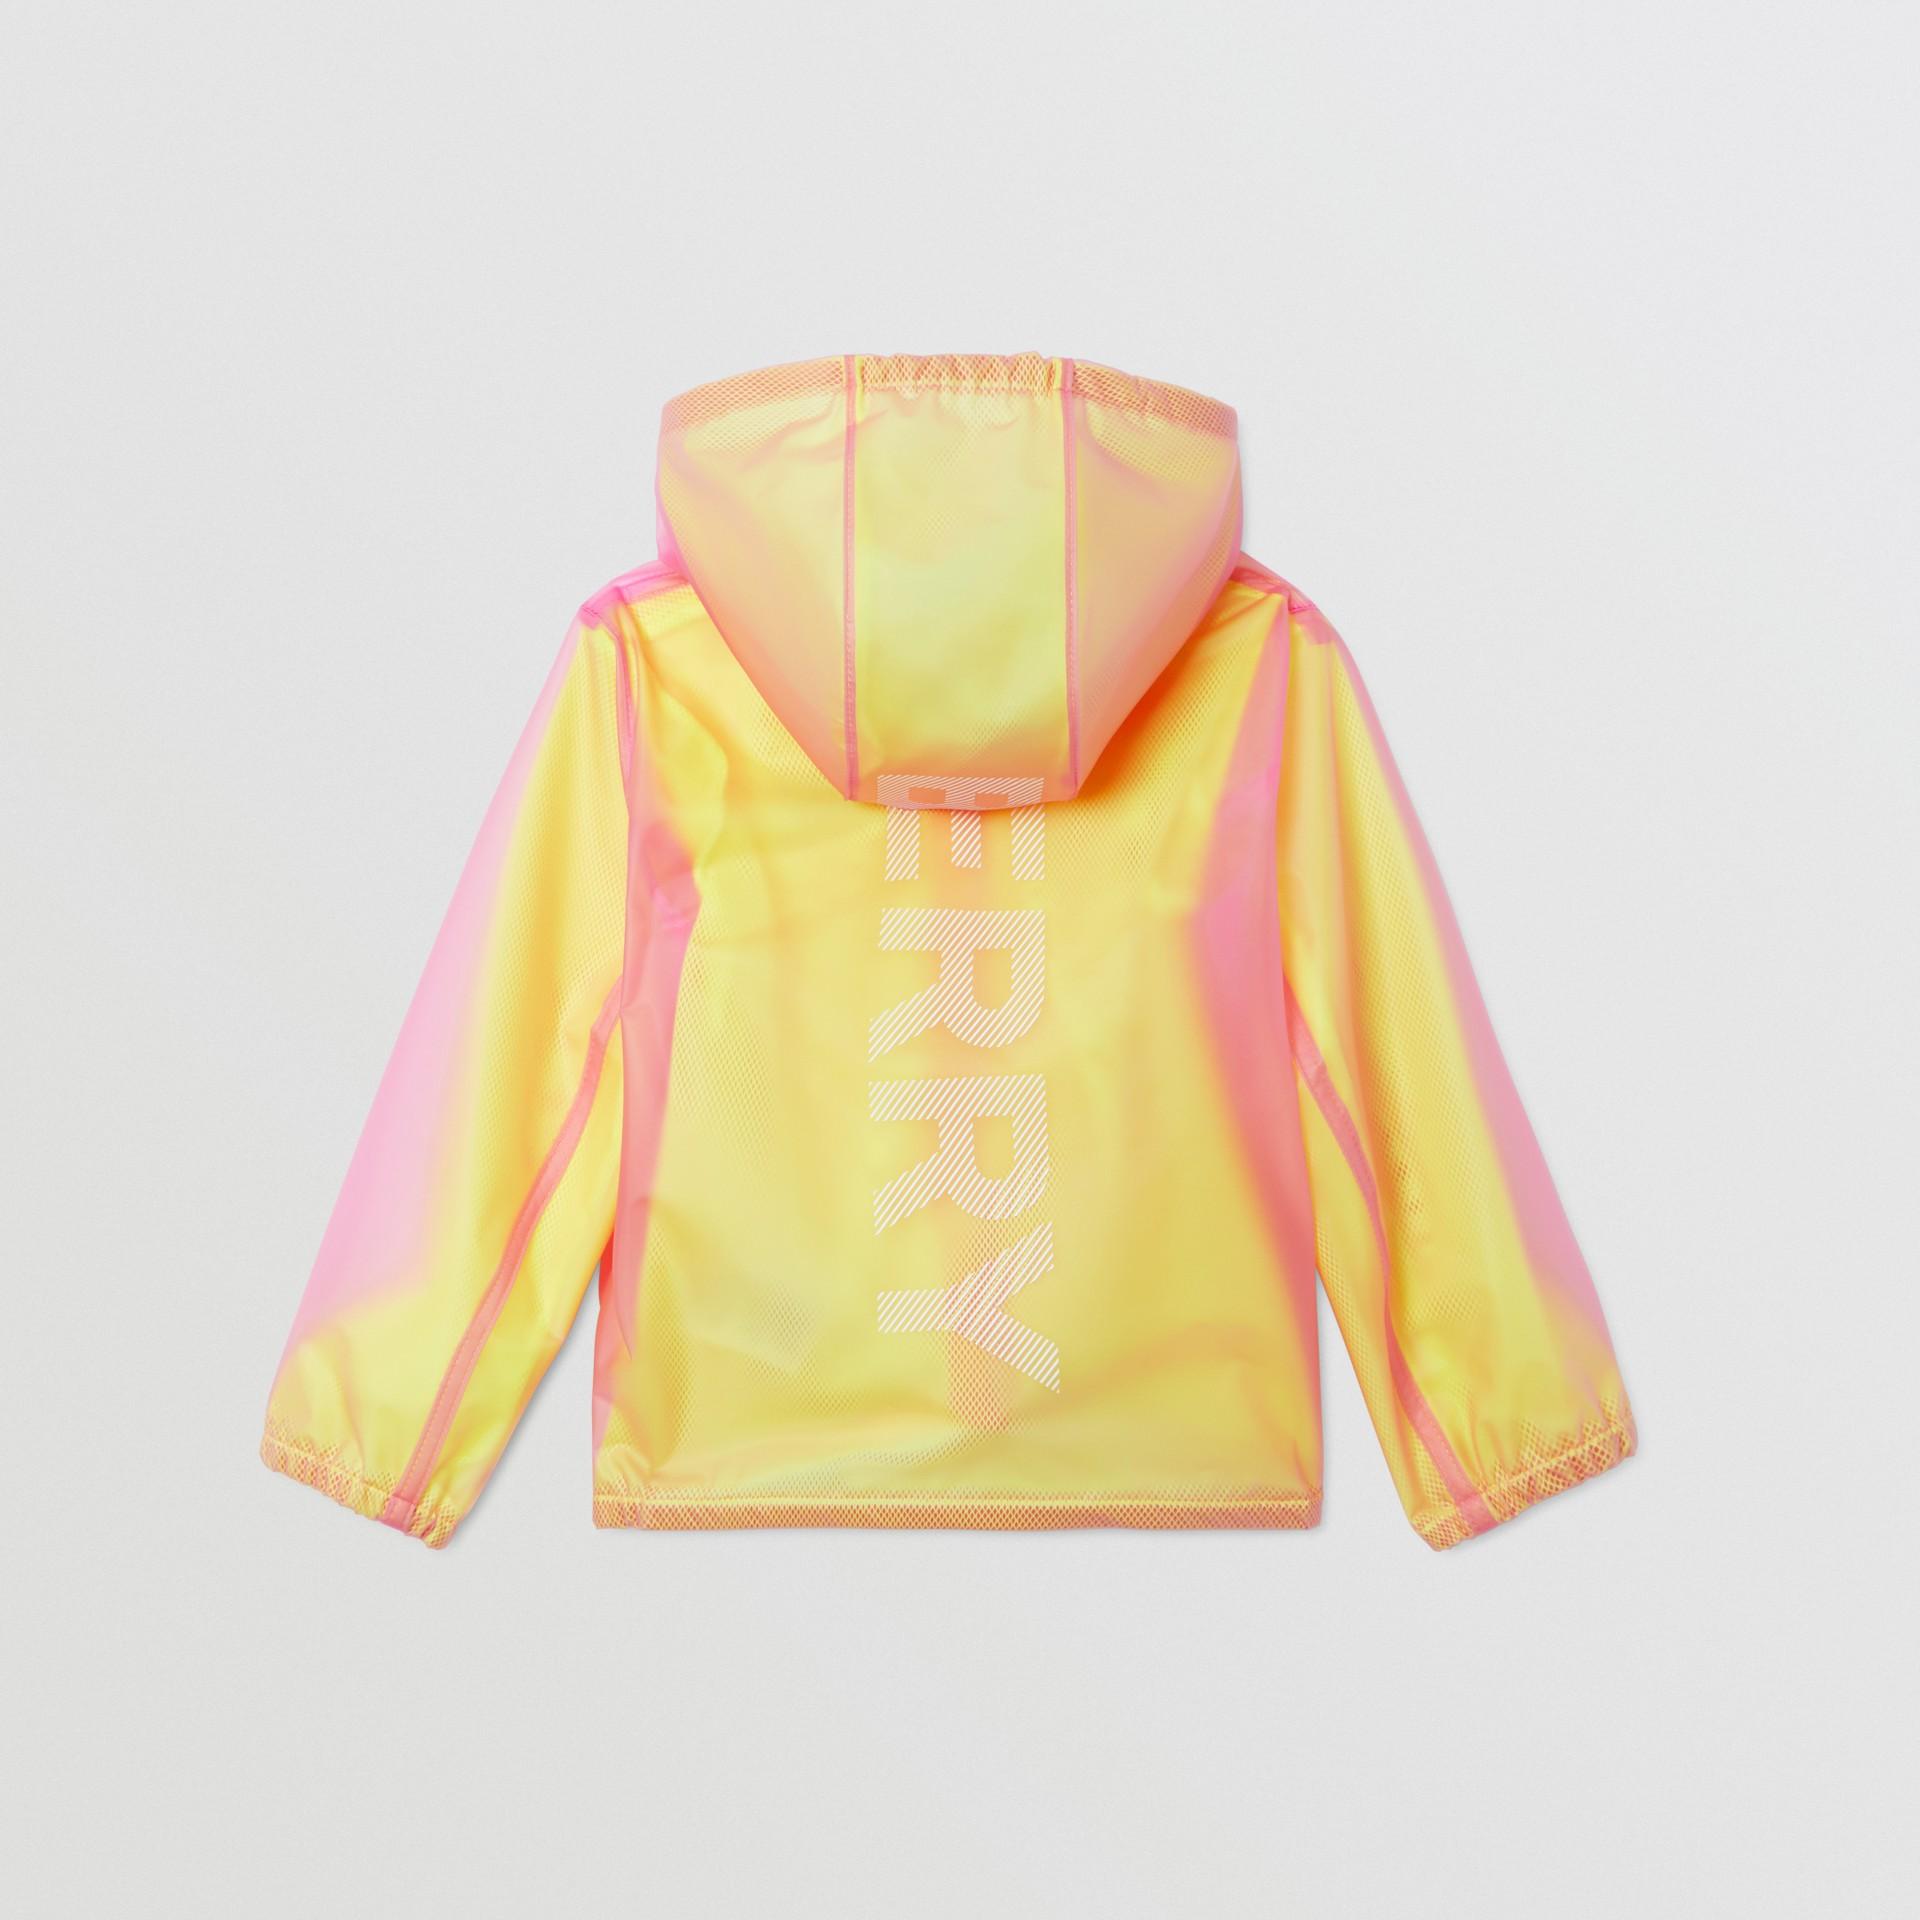 ロゴプリント ライトウェイト フーデッドジャケット (ラズベリーピンク)   バーバリー - ギャラリーイメージ 4